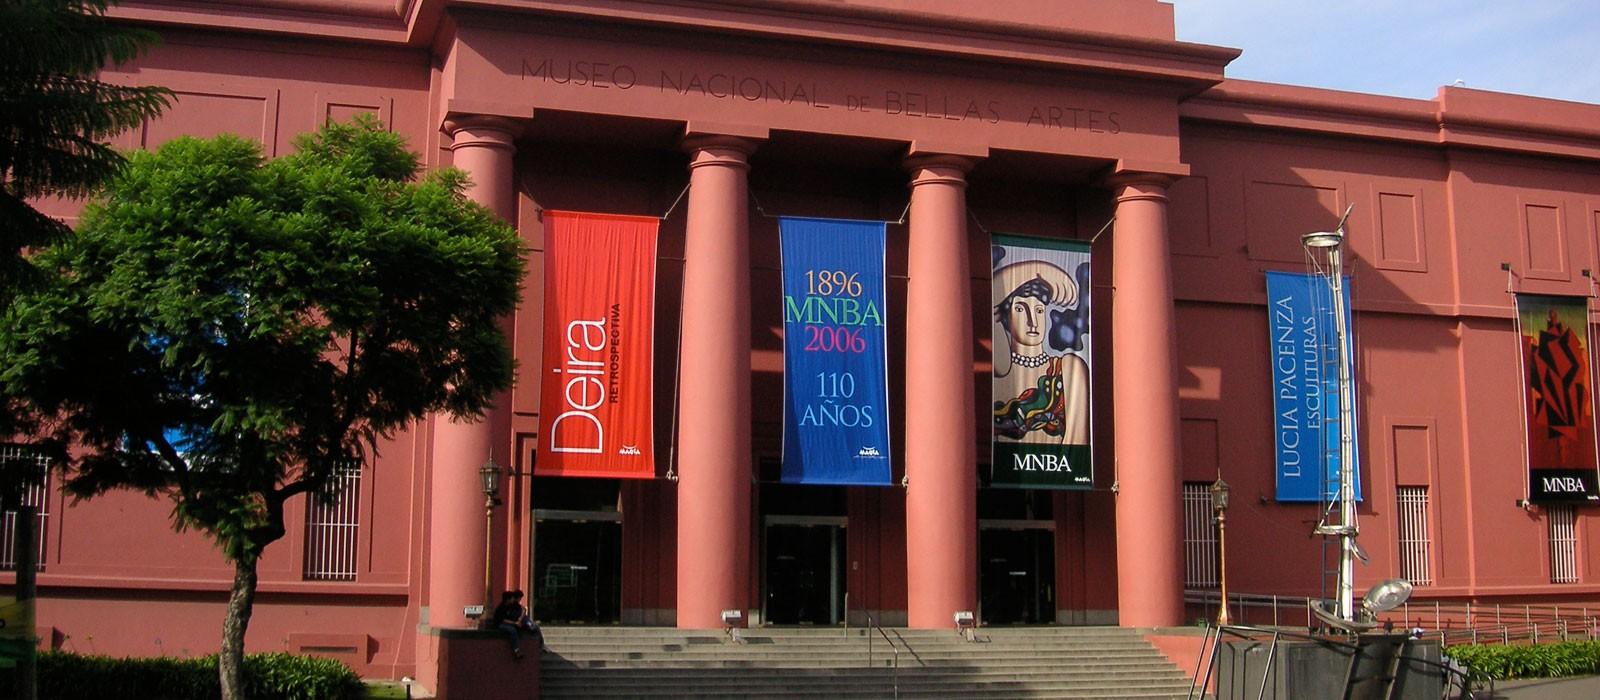 <strong>MNBA - </strong> MUSEO NACIONAL DE BELLAS ARTES